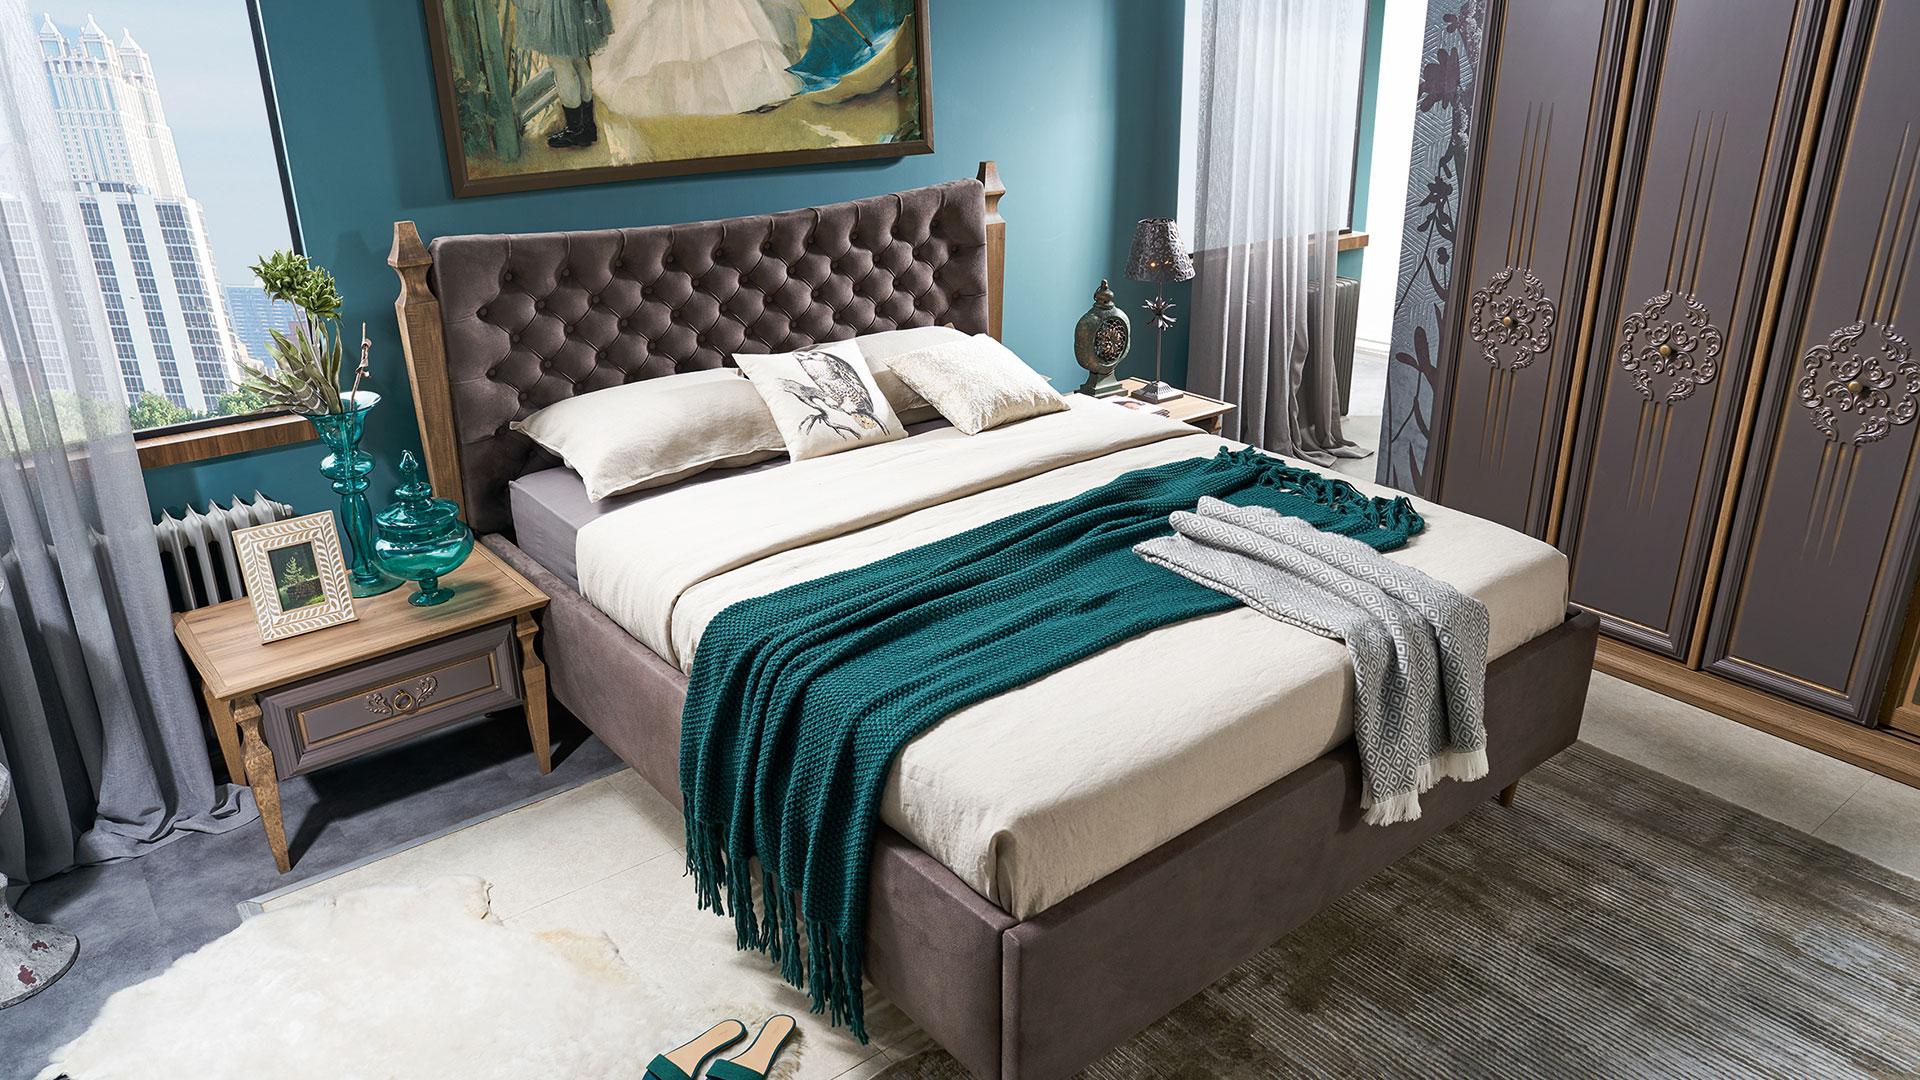 سرير مودرن باللون البني